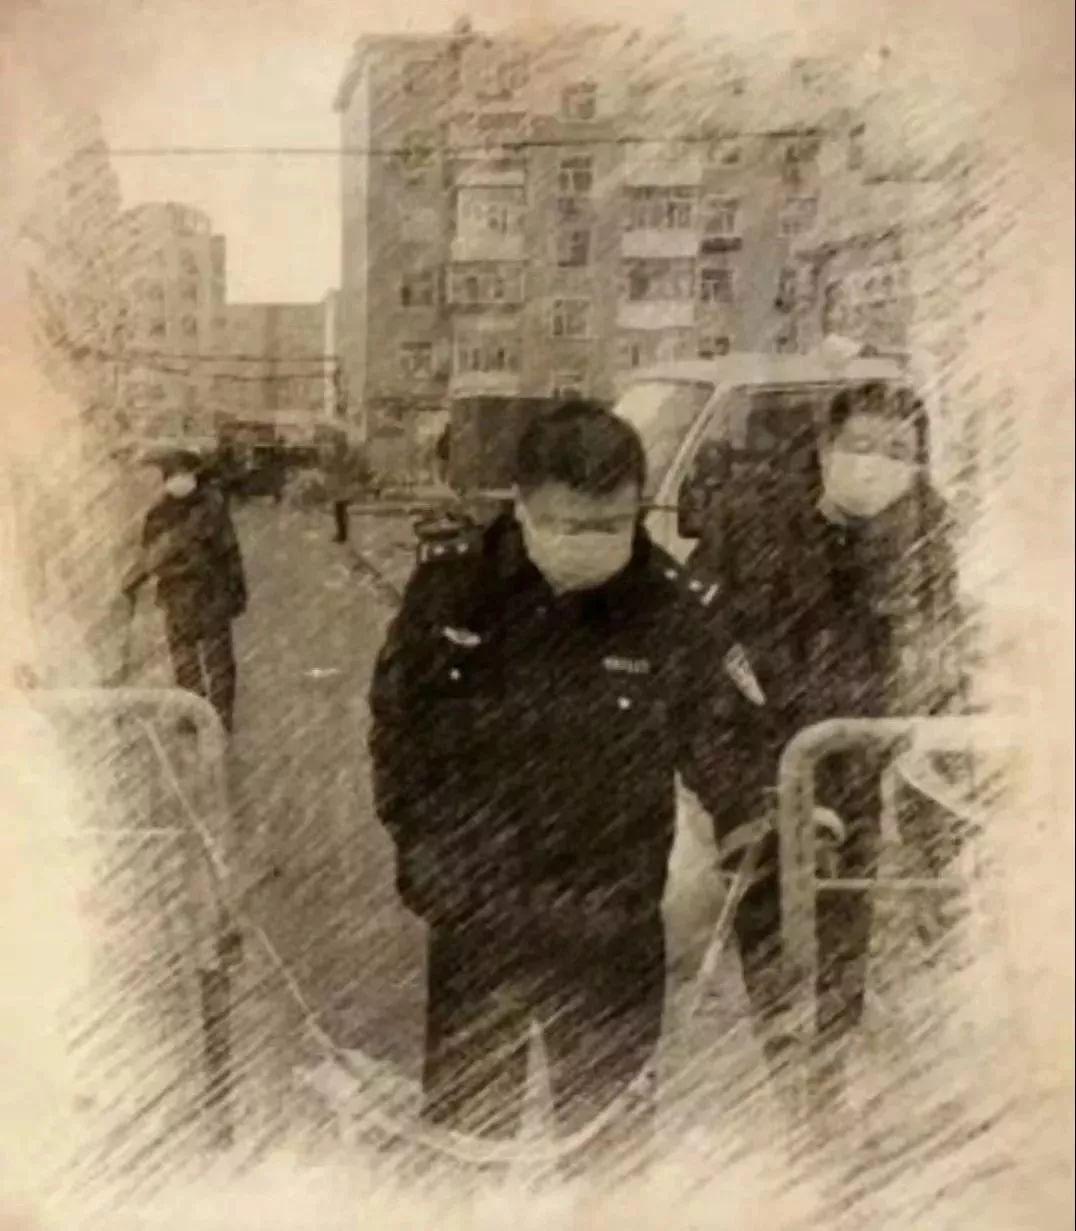 公安部部长赵克志签署命令 追授他为二级英模